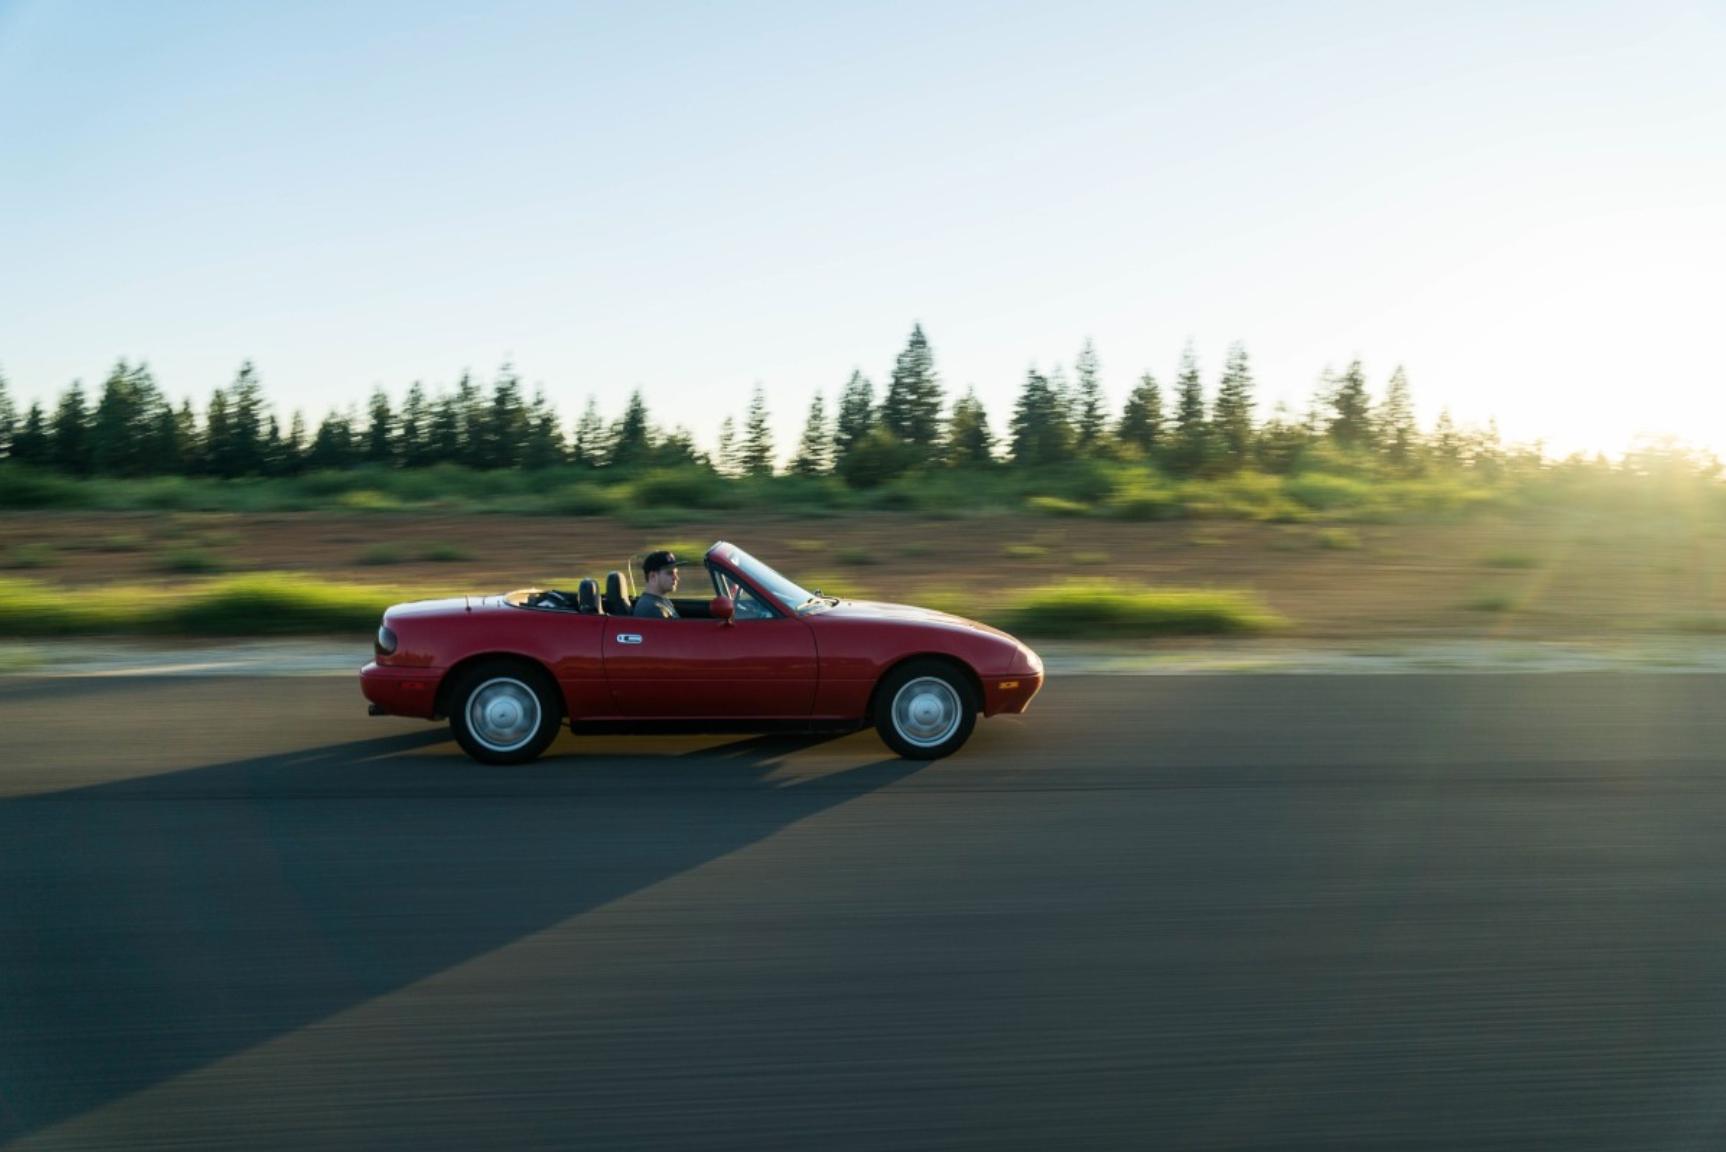 ¿Es verdad que los vehículos pierden potencia a mayor altitud?